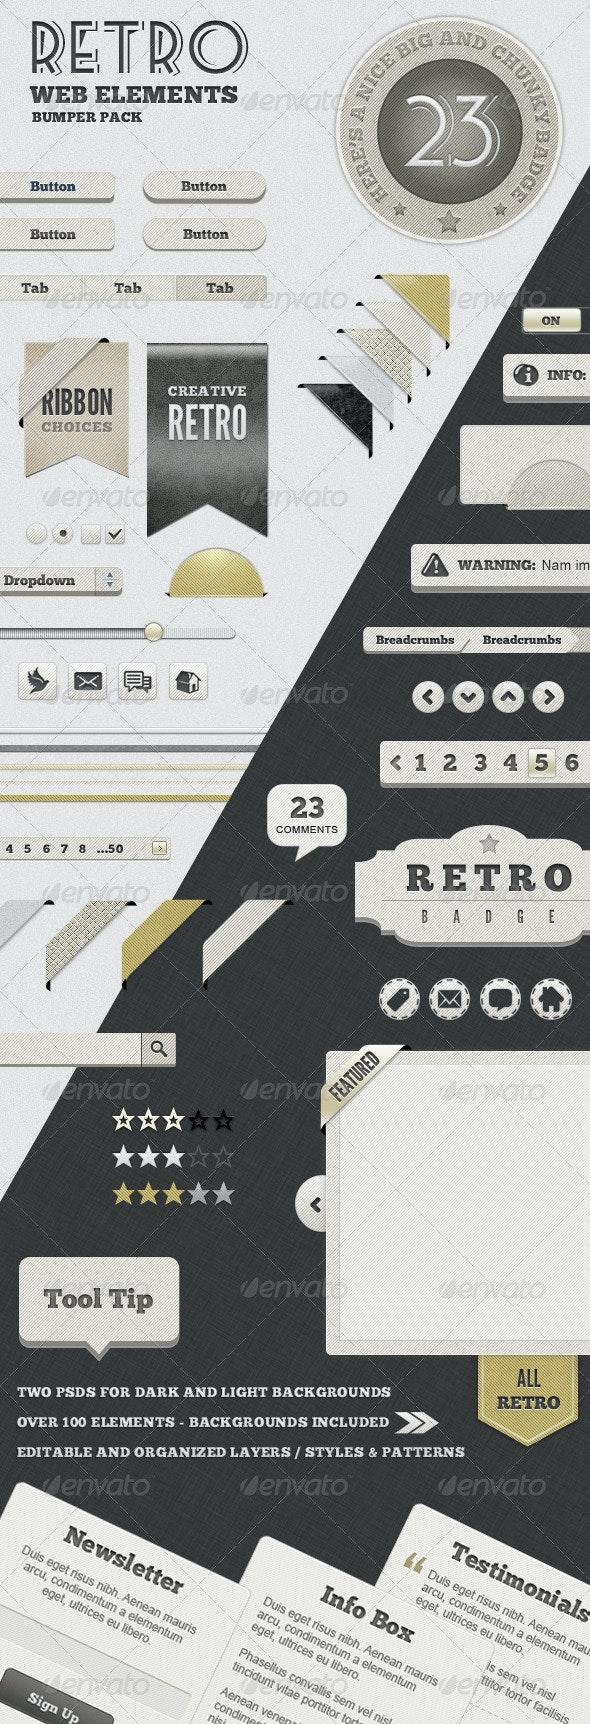 Retro Web Elements - Bumper Pack - Miscellaneous Web Elements